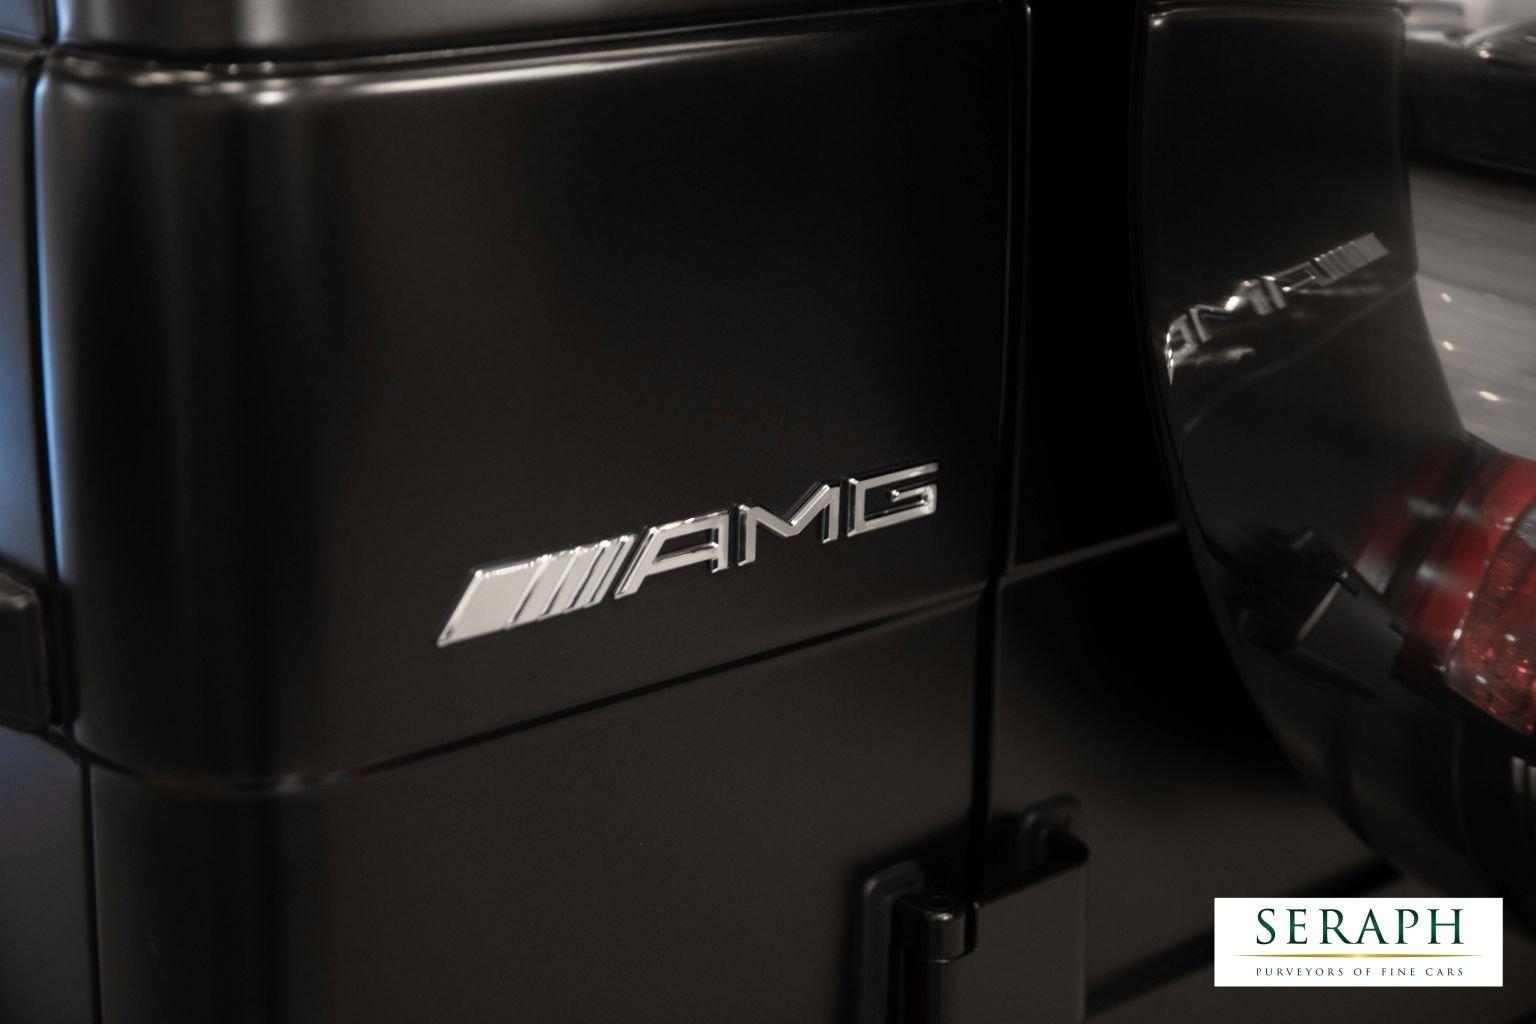 Mercedes G63 5.5 AMG Bi Turbo